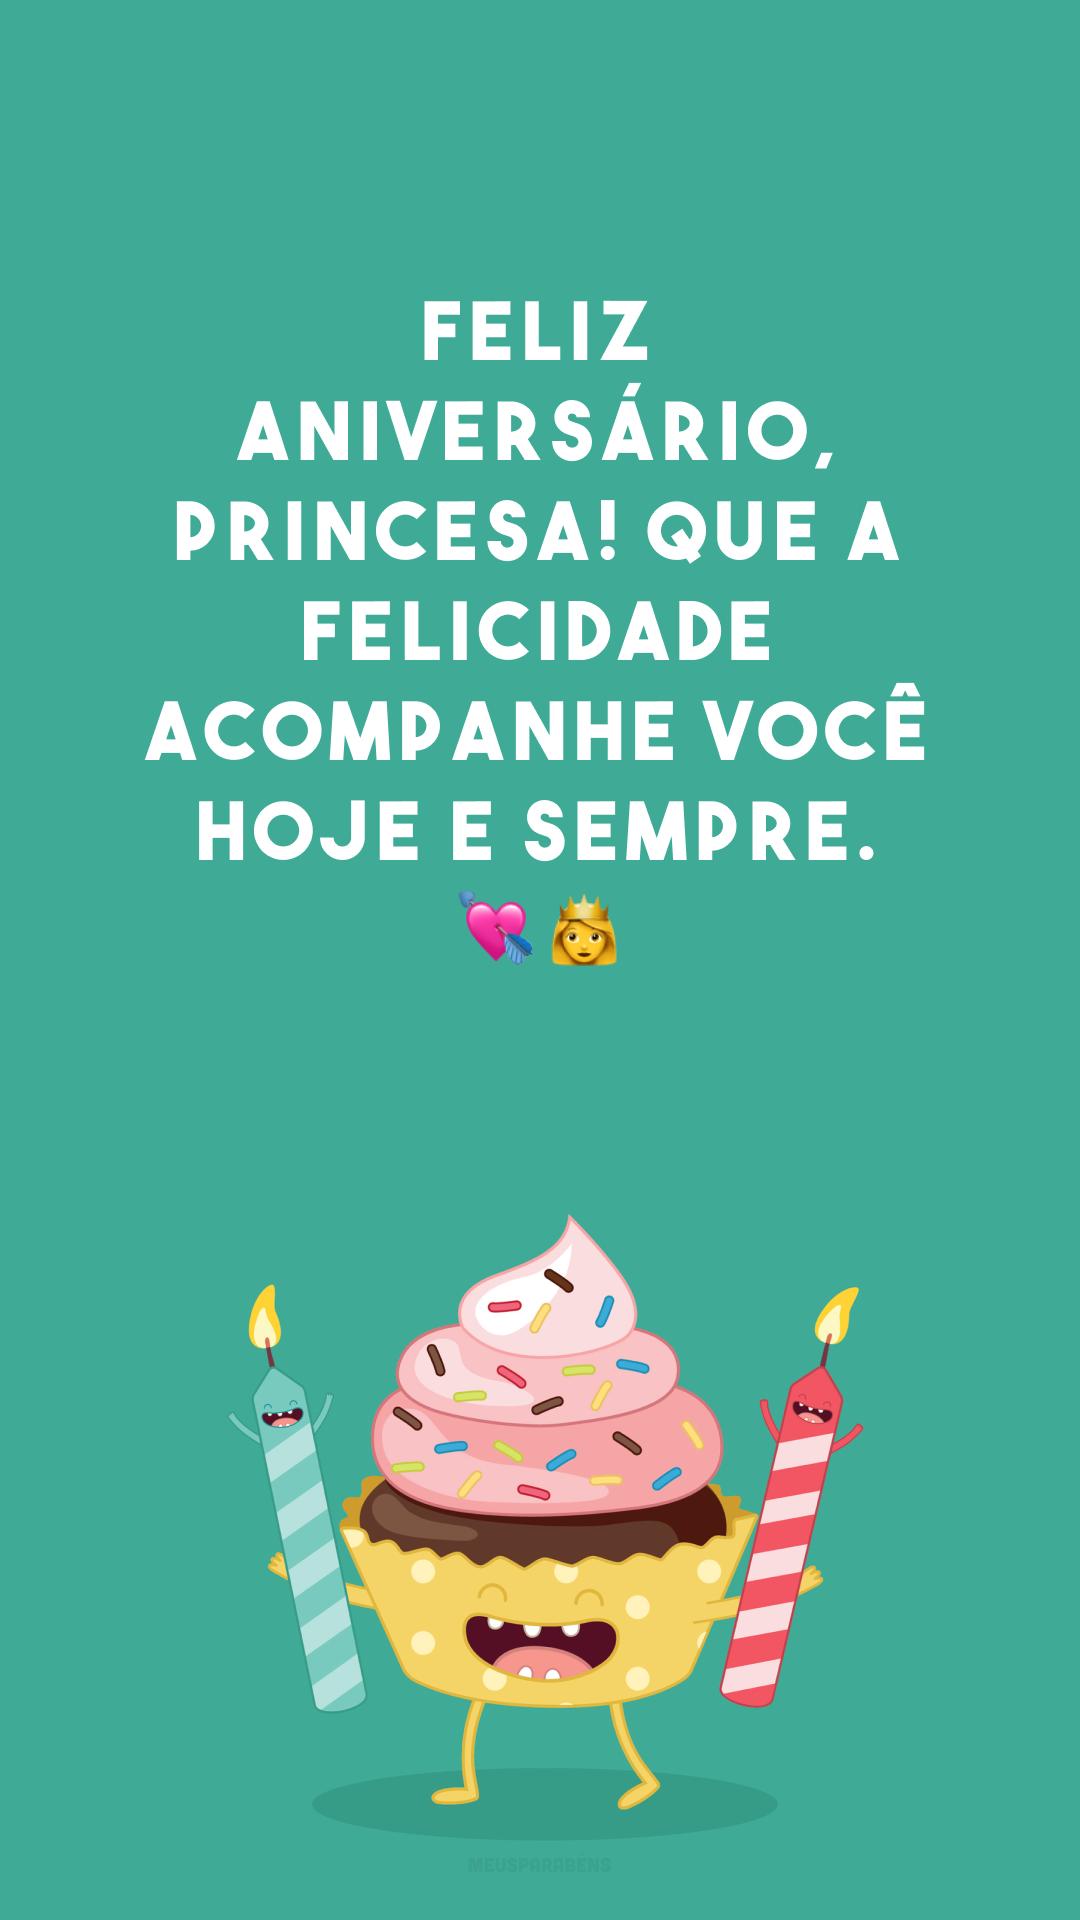 Feliz aniversário, princesa! Que a felicidade acompanhe você hoje e sempre.  💘👸